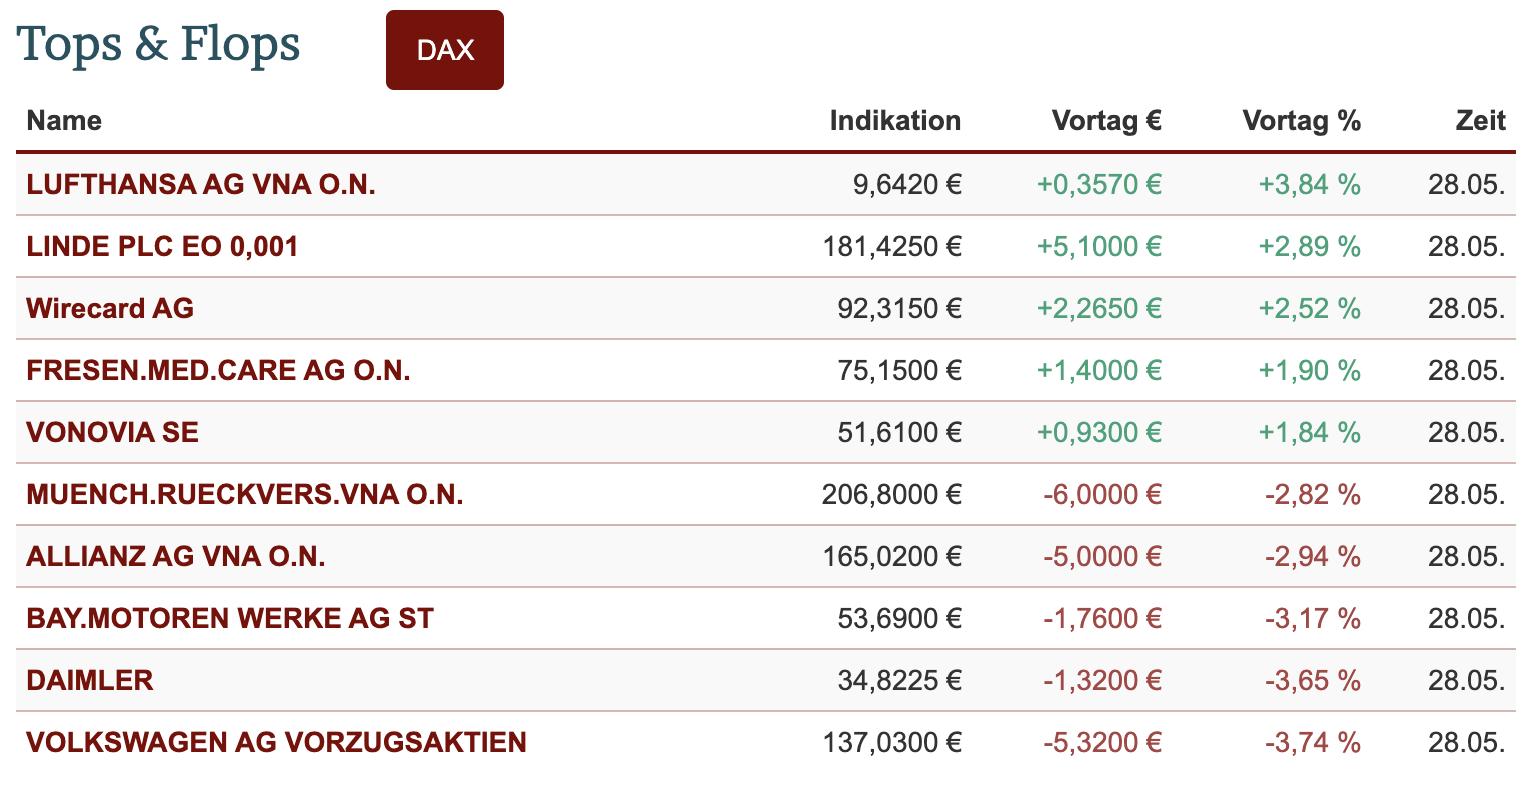 Wochenausklang-im-DAX-weiter-auf-der-Überholspur-Kommentar-JFD-Bank-GodmodeTrader.de-1